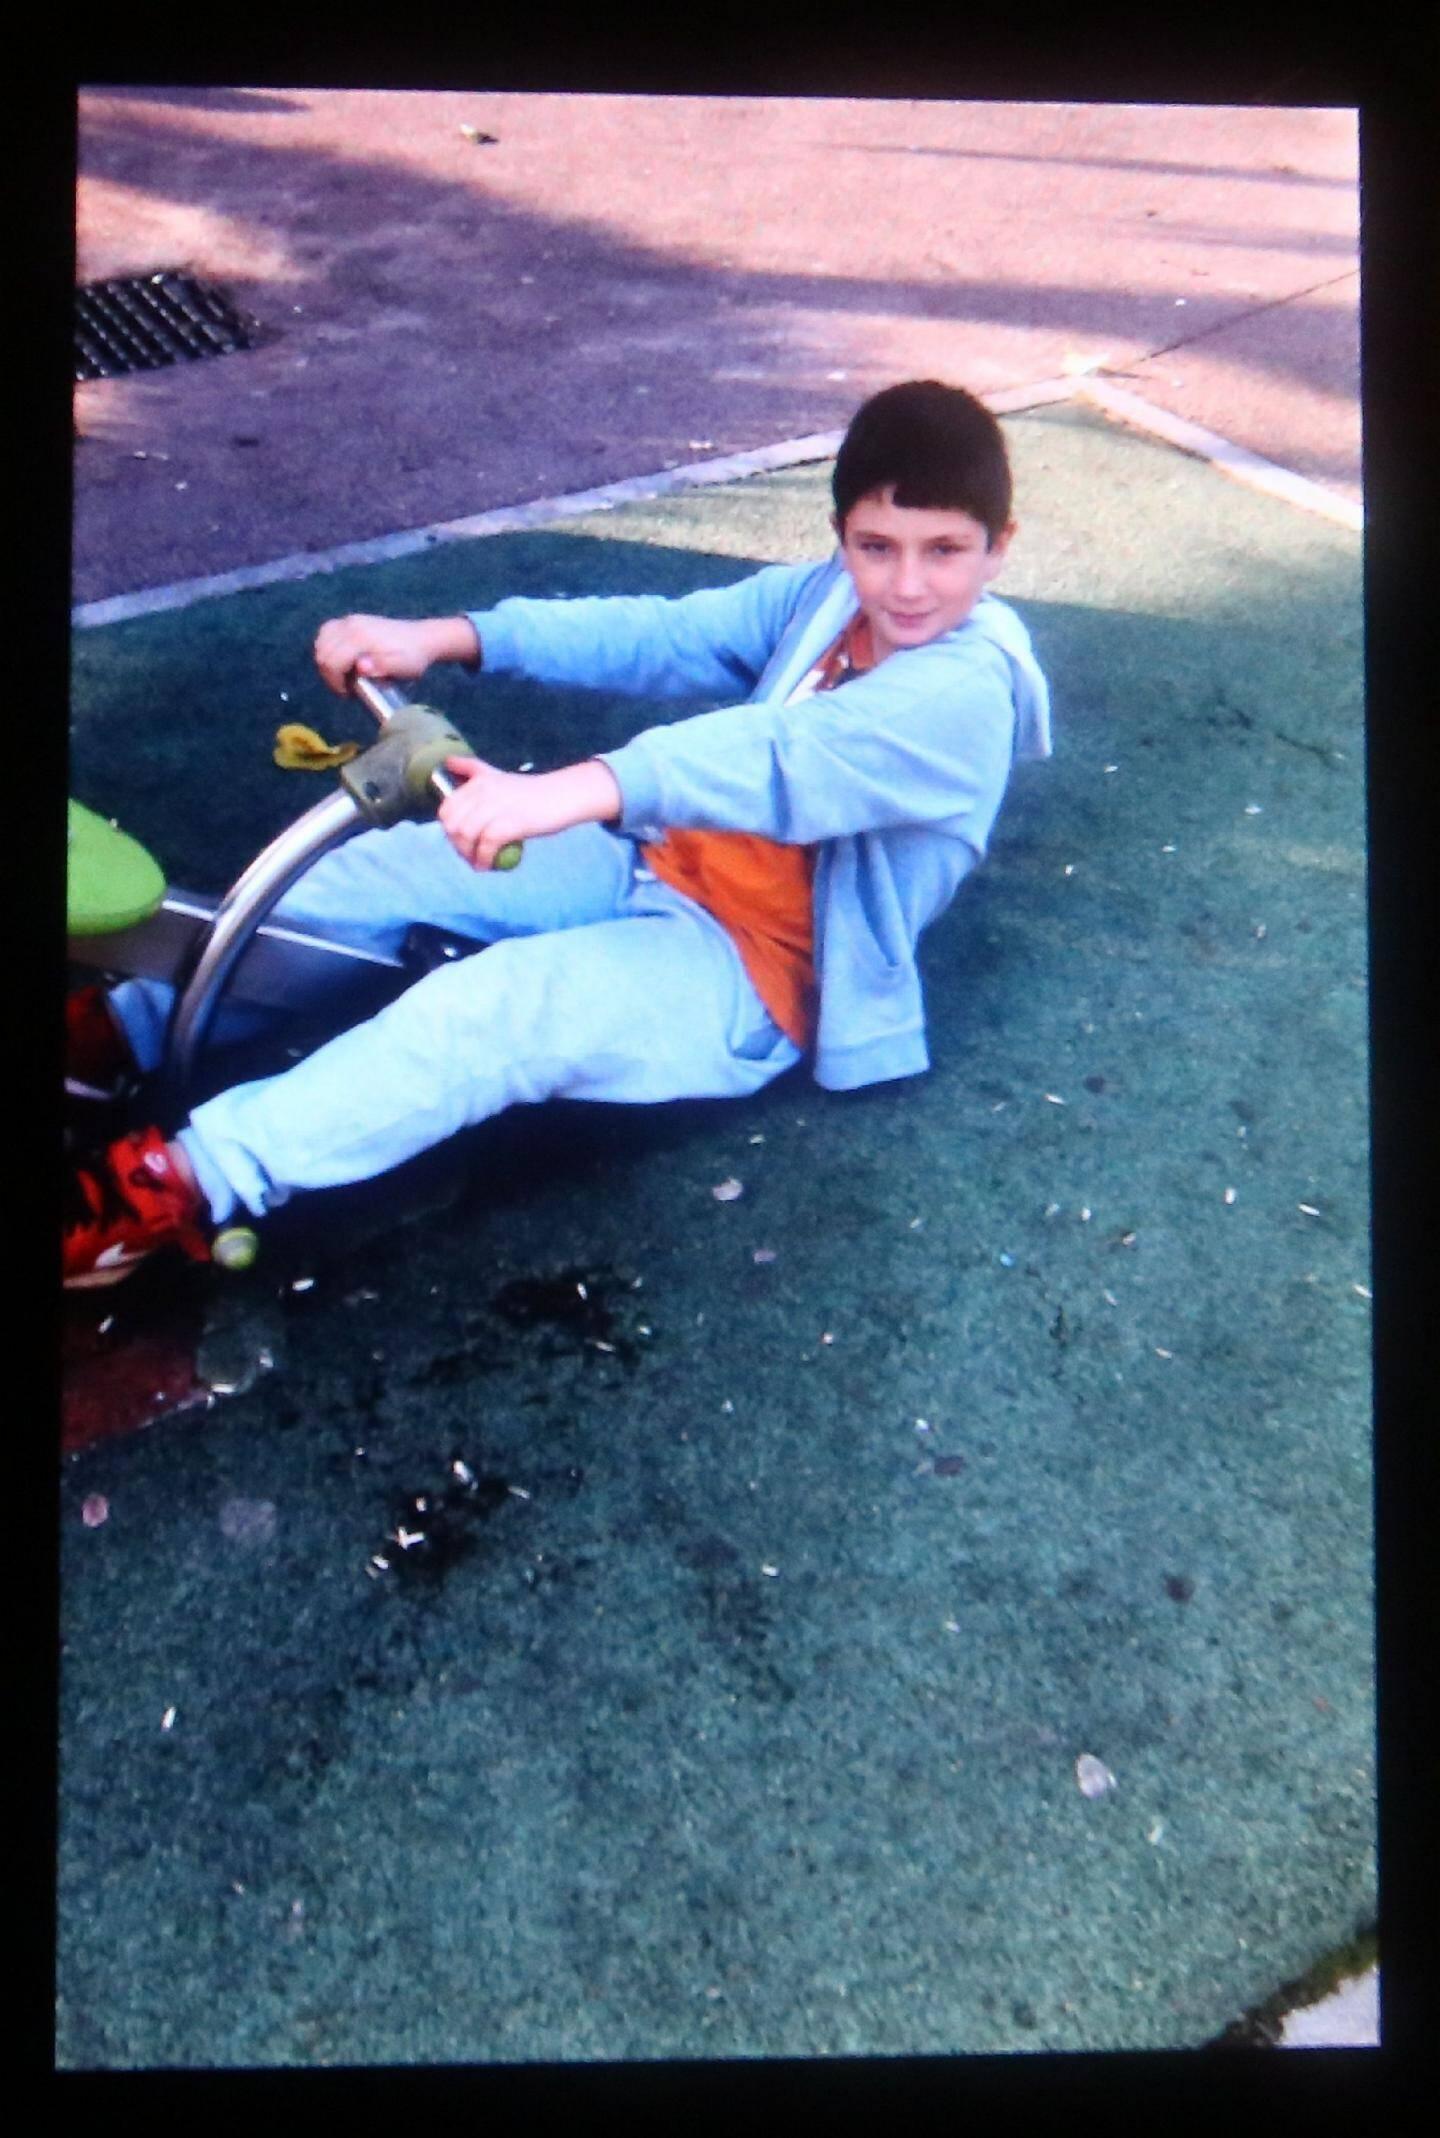 Magomed-Khan Gadjiev, disparu à l'âge de 11 ans, était à certains égards déjà adulte, malgré son regard d'enfant.(DR)